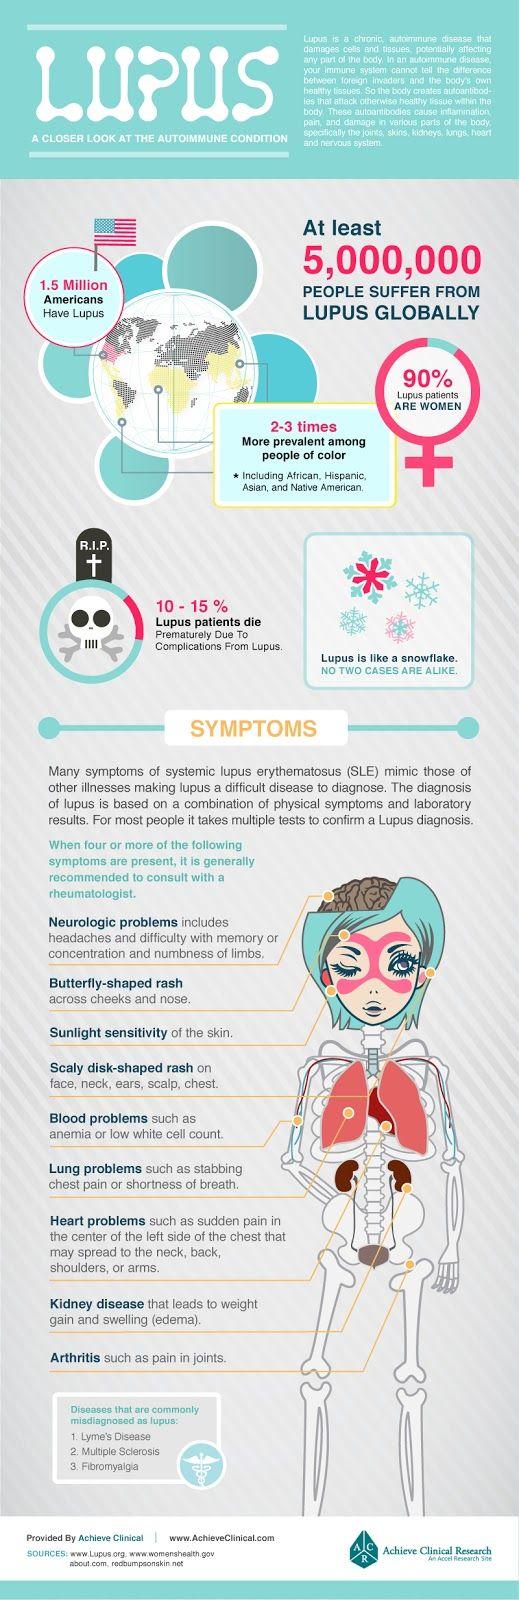 A Closer Look at Lupus